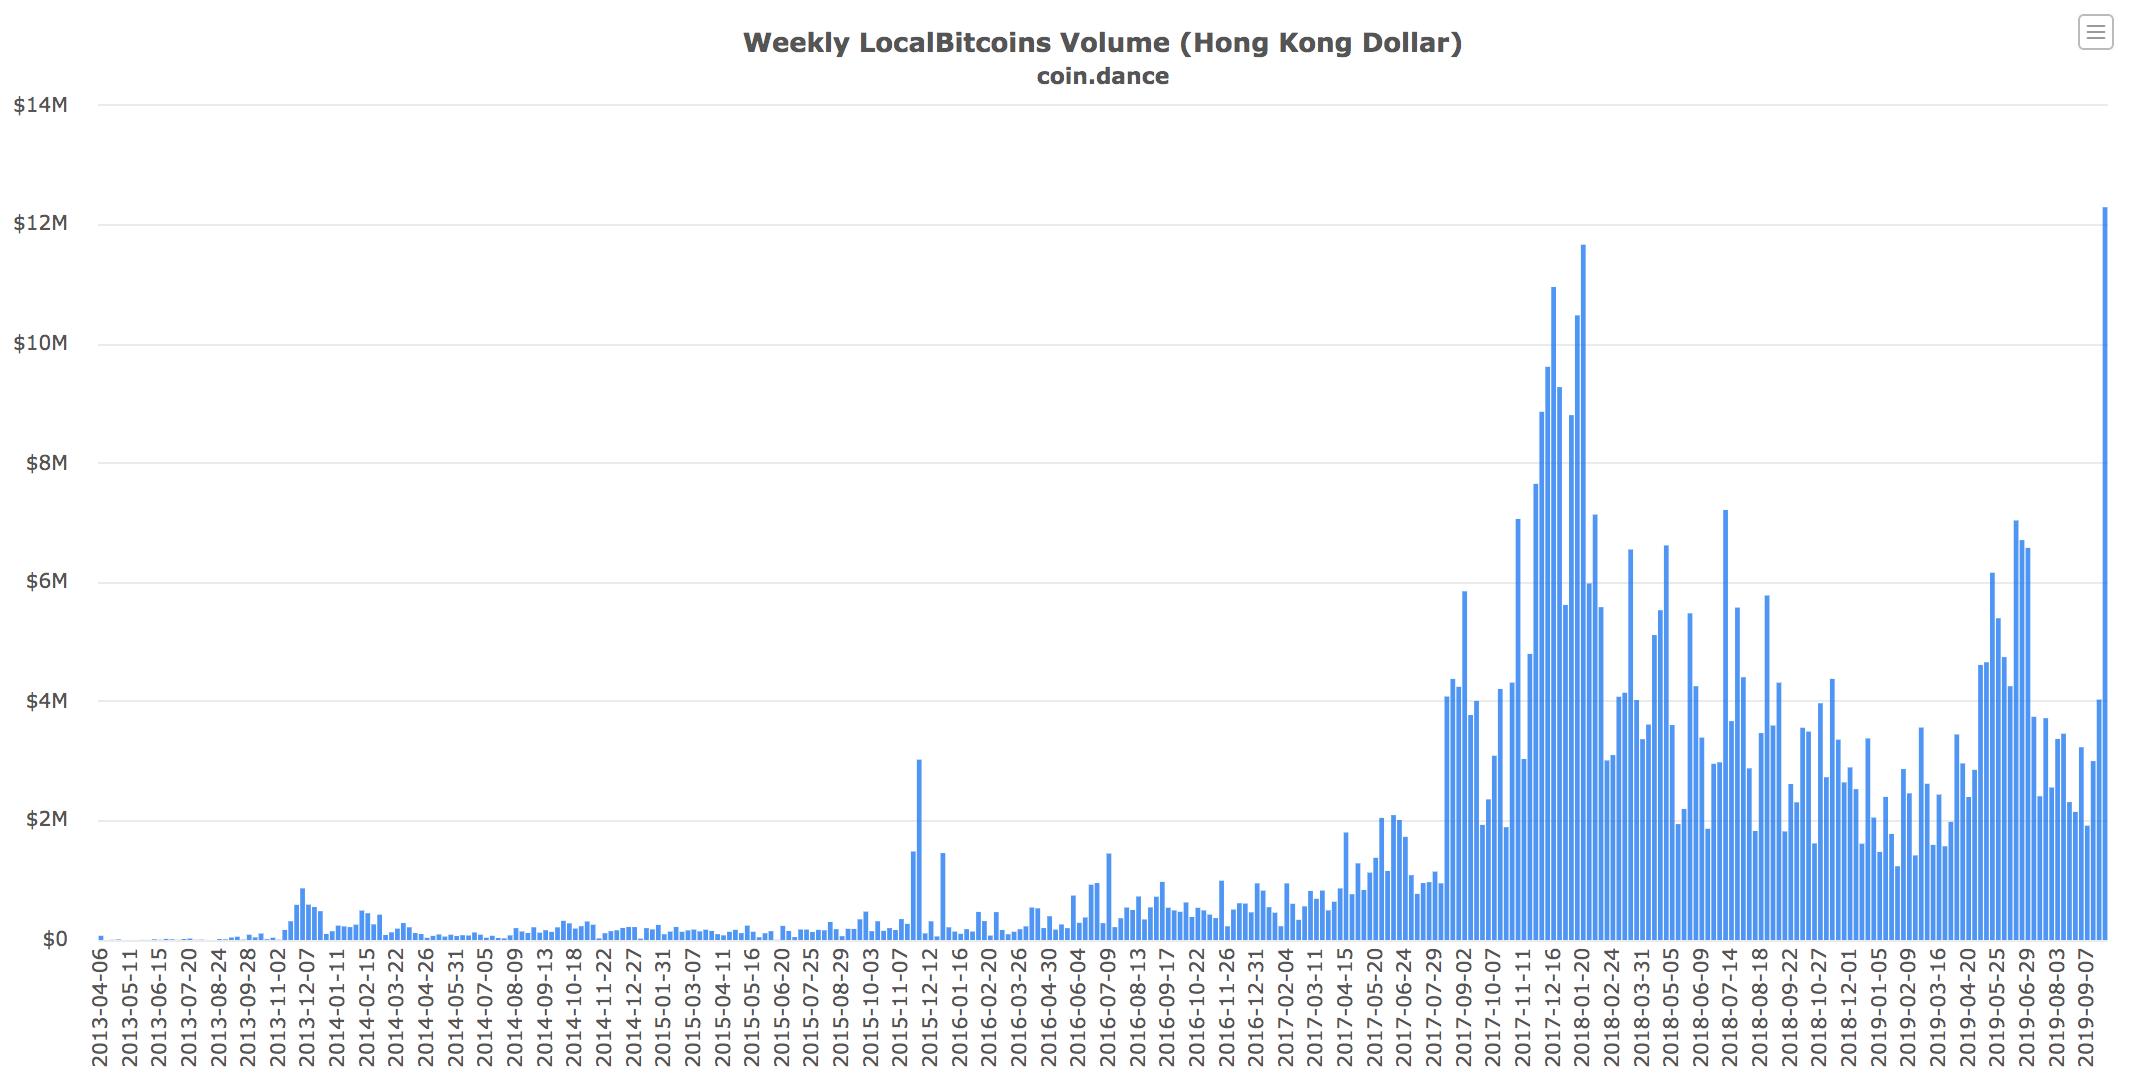 【香港でデモ隊強制排除。ビットコインへの逃避需要は続くか?】 | FXcoin 暗号資産(仮想通貨)情報サイト